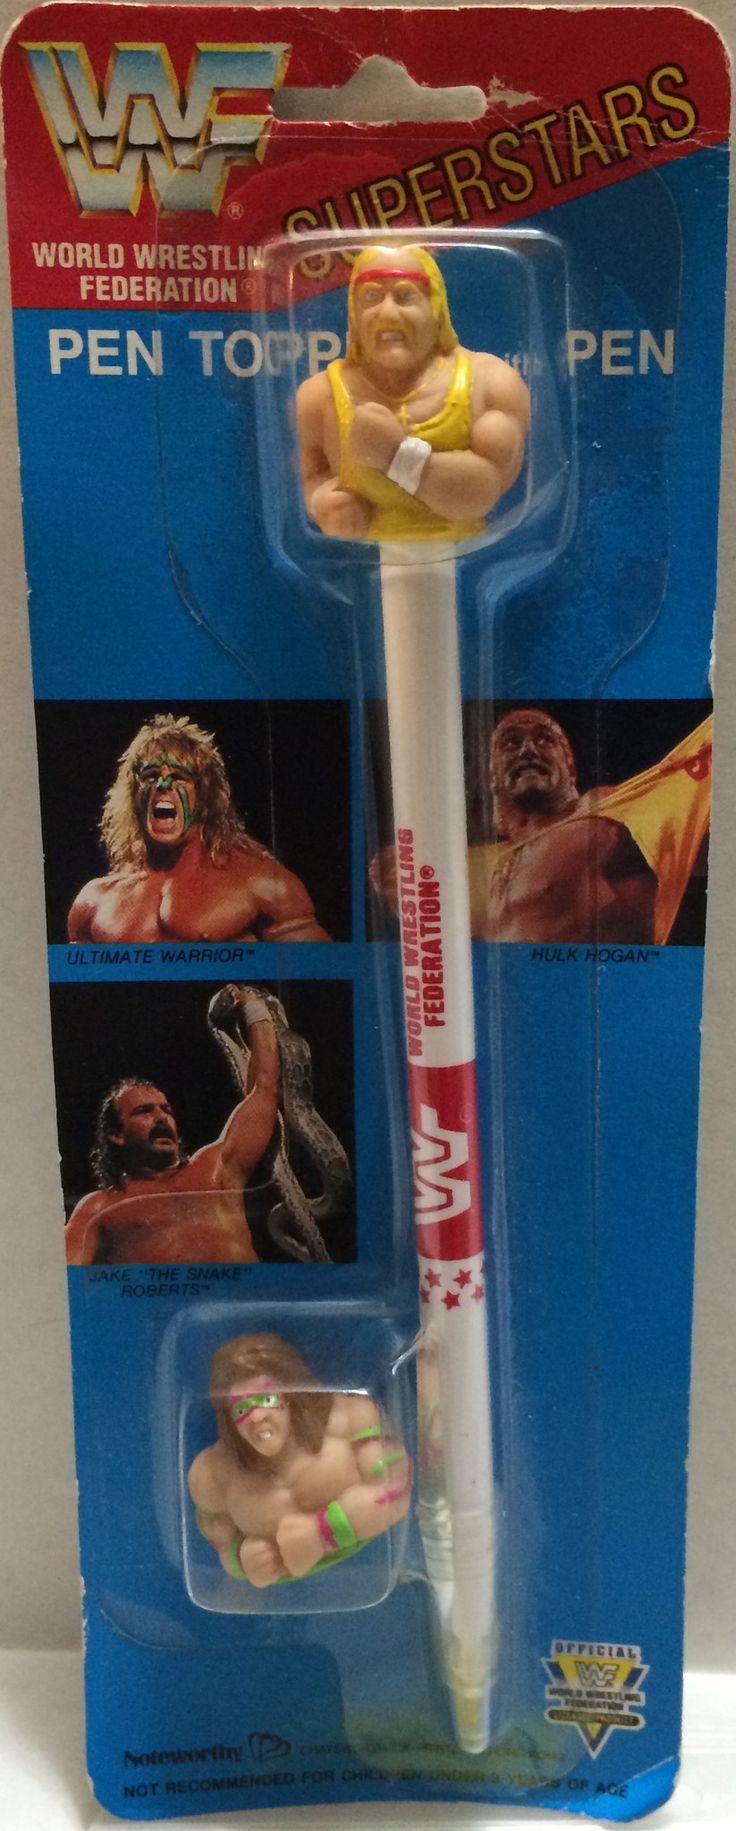 (TAS032758) - Titan Sports Wrestling Superstars Pen Topper- Hulk Hogan & Warrior